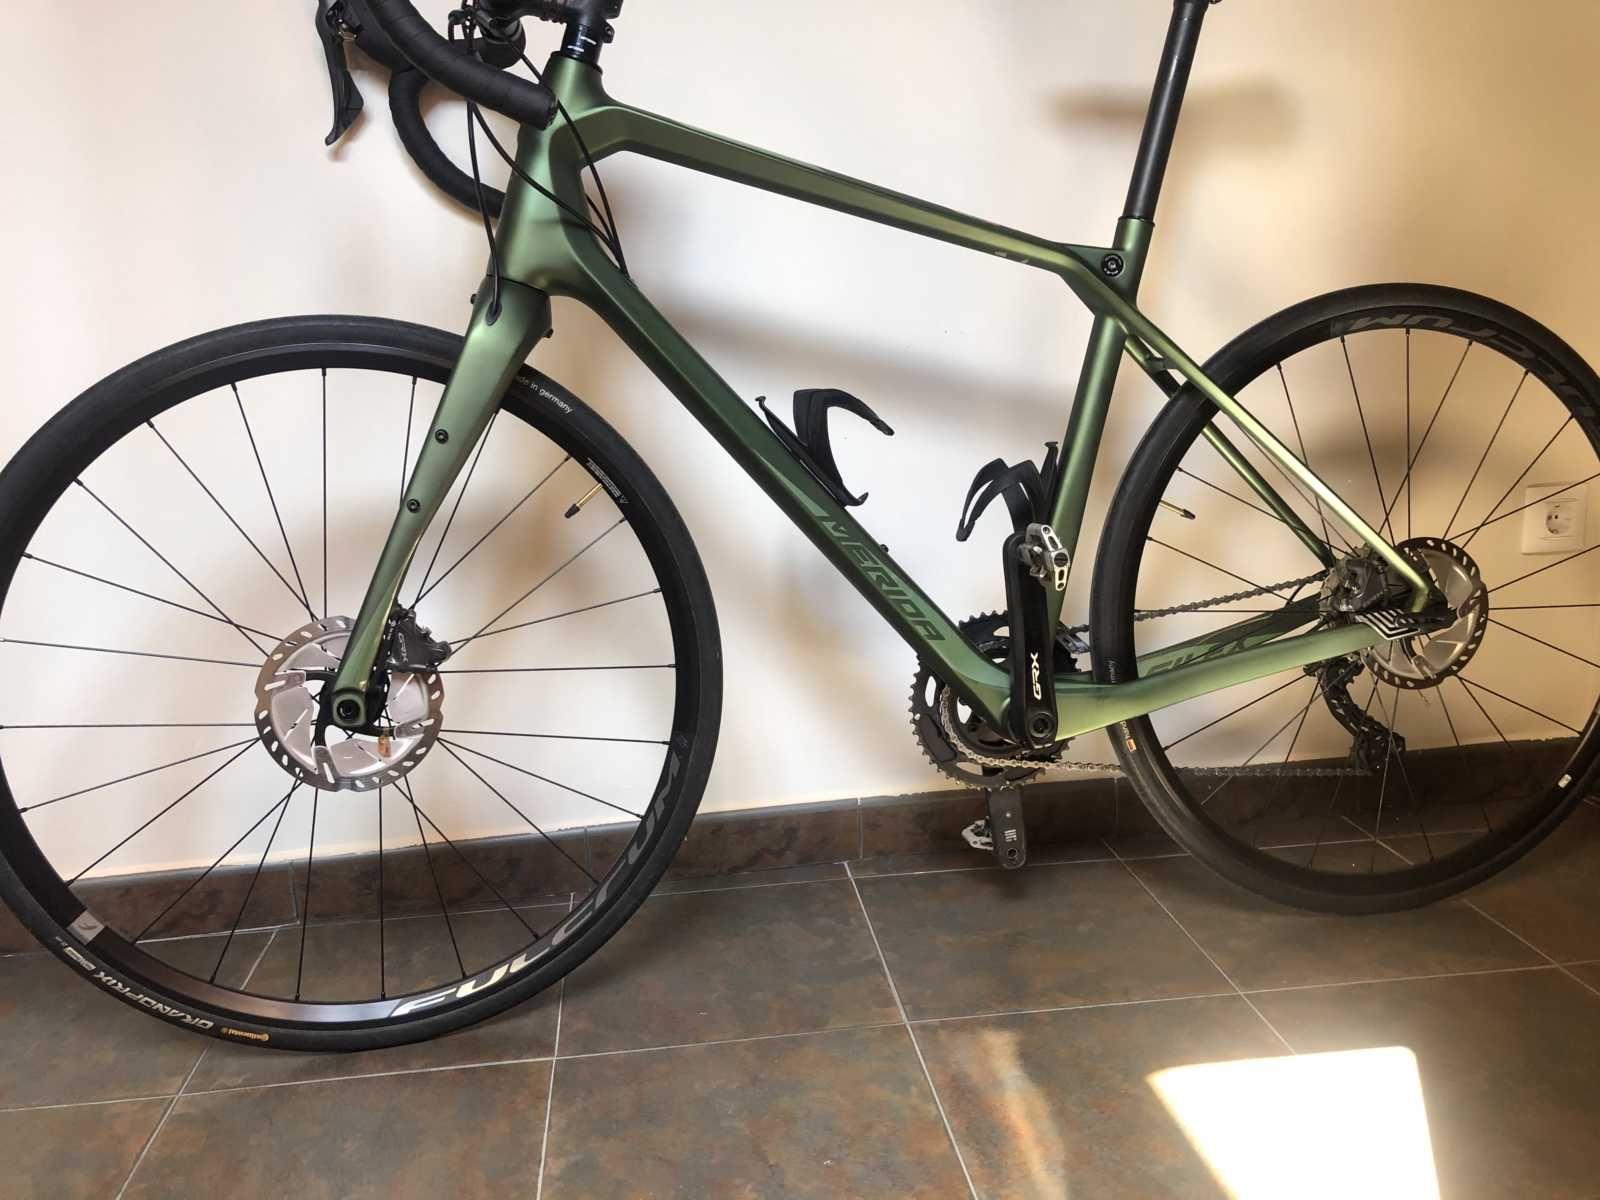 Bicicleta Merida Silex En Talla M 59969 Categoría Bicicletas Para Gravel Y Ciclocross Año 2020 Cambio Bicicletas Ciclocross Bicicletas Bicicletas Merida